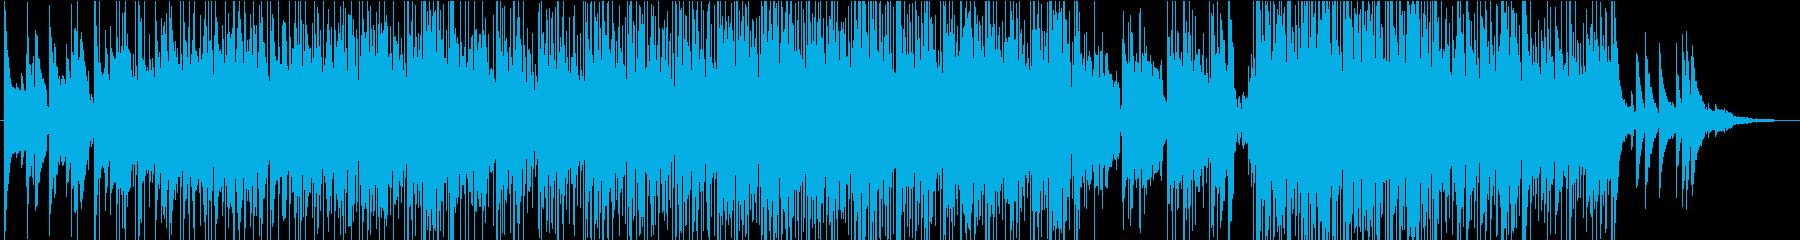 ファンクで暖かい曲の再生済みの波形